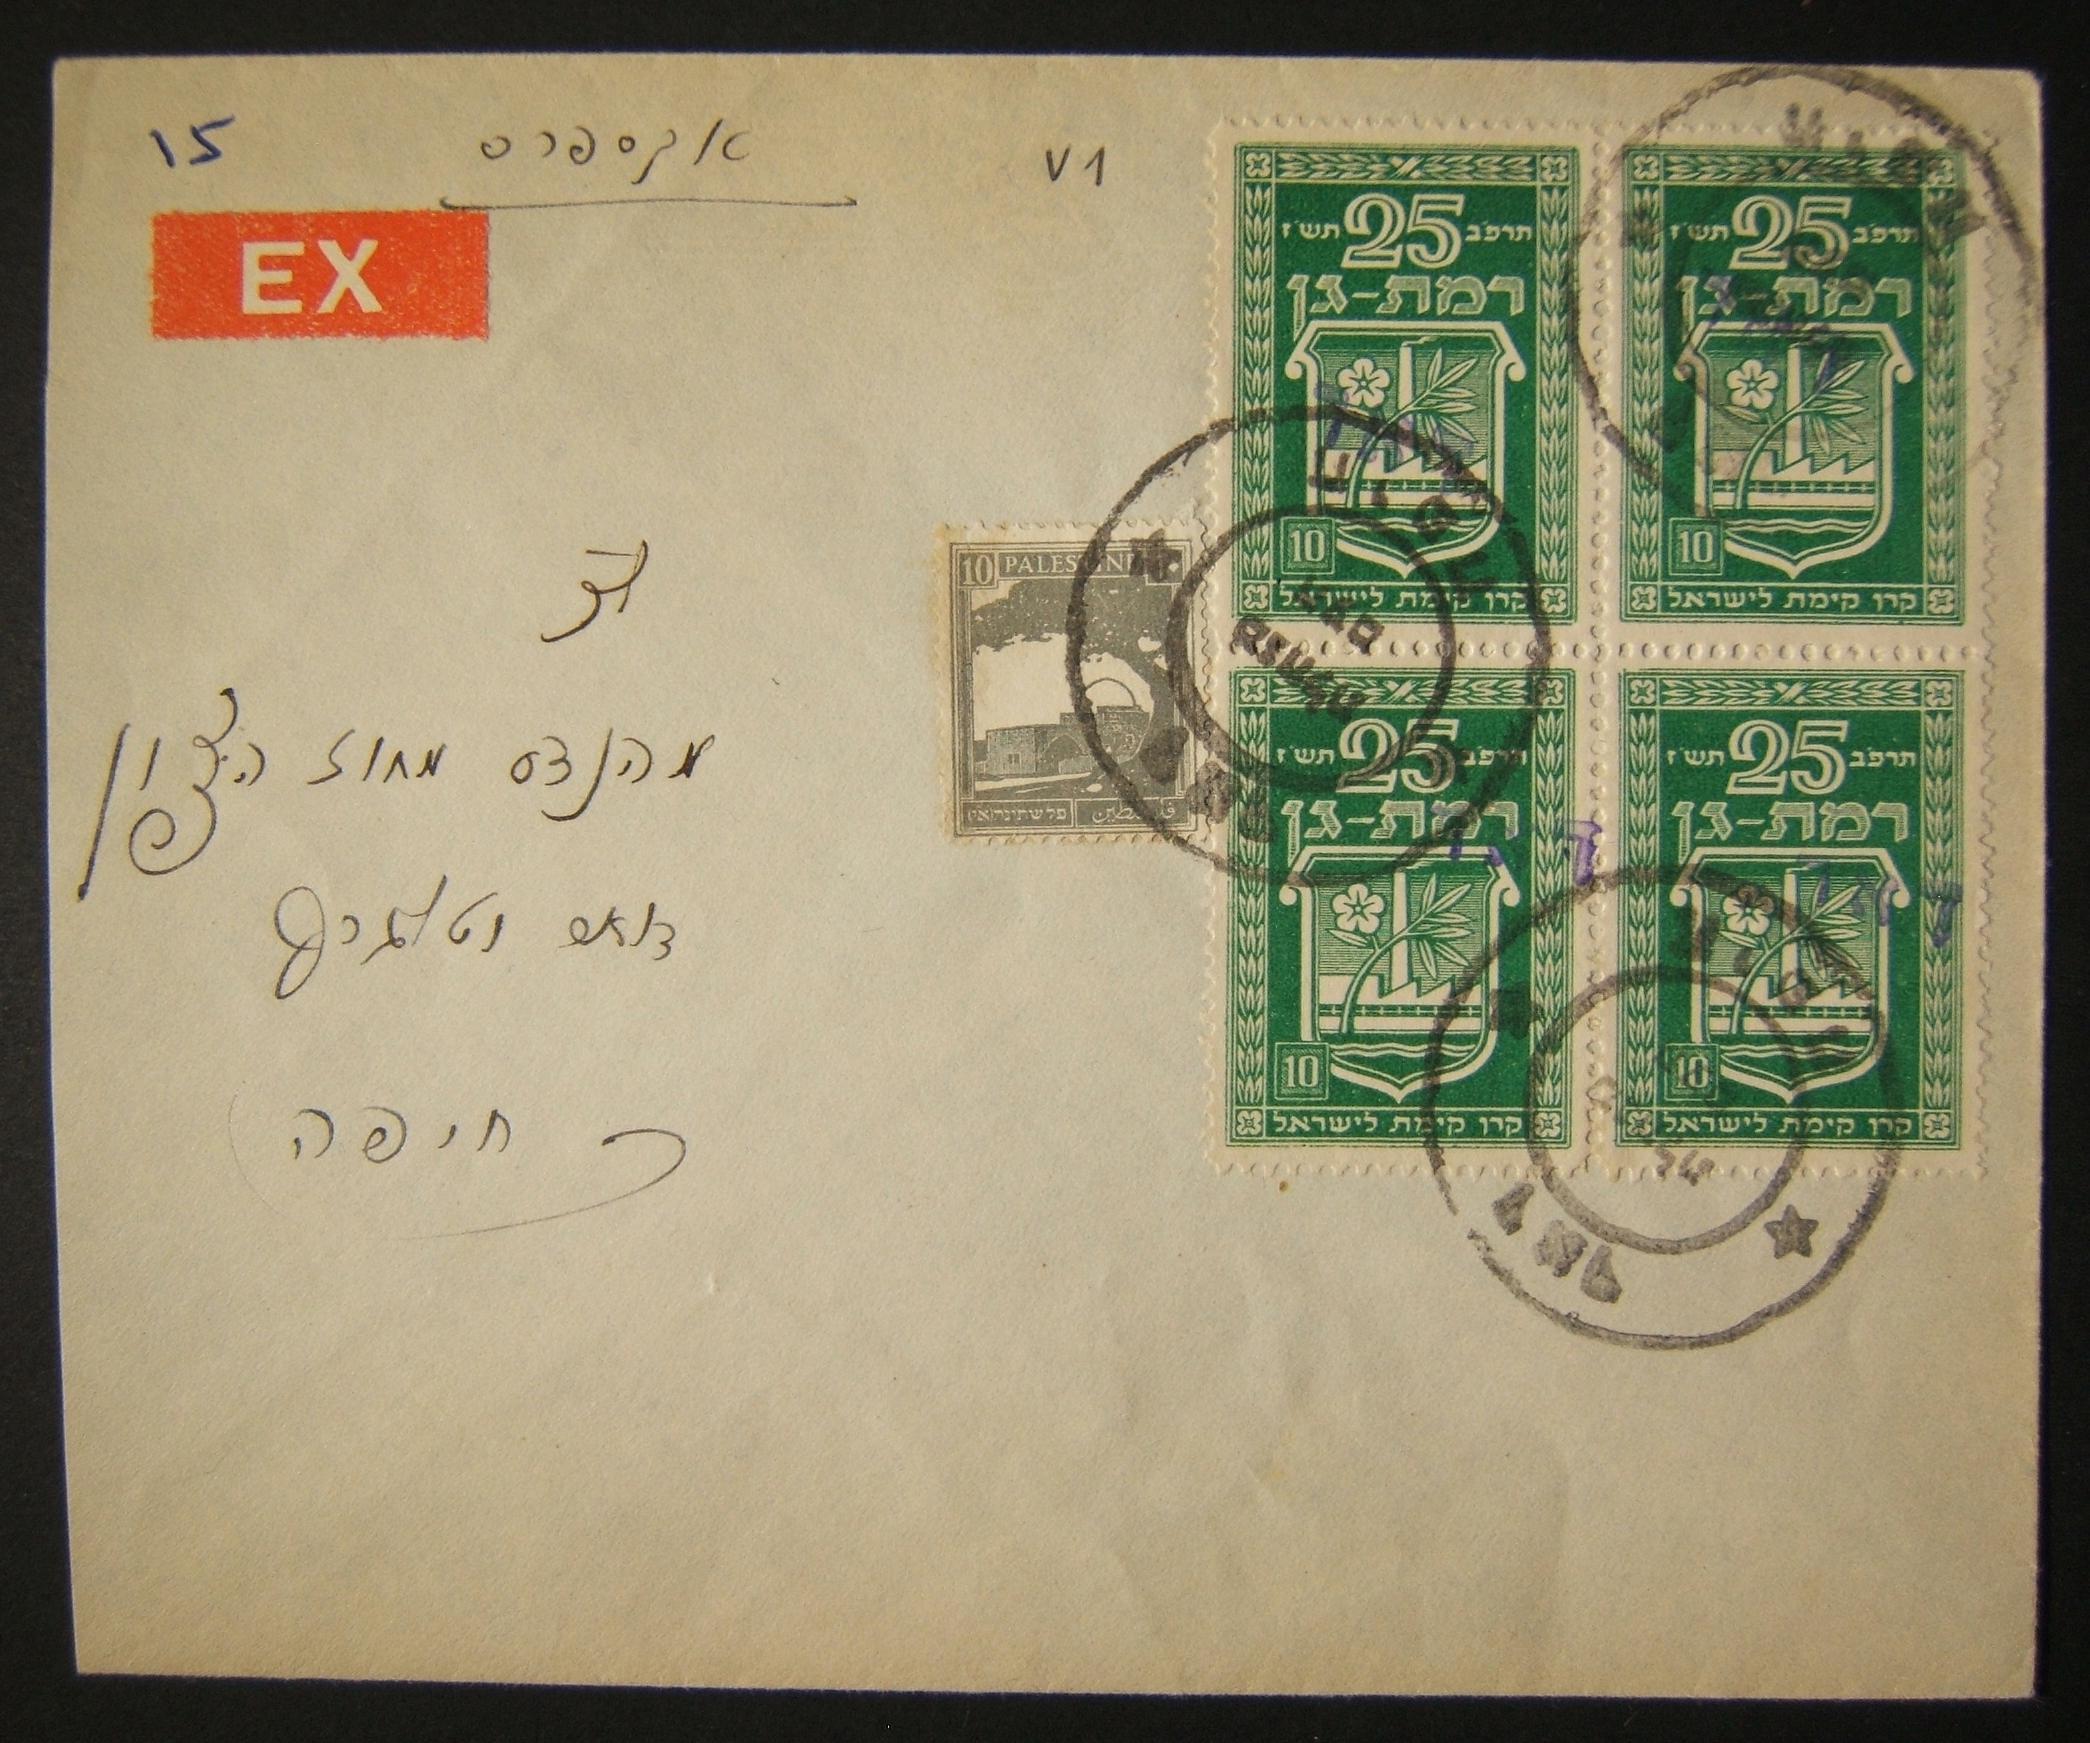 5/1948 חיפה מאשרת דואר עם סימני המנדט / ביניים